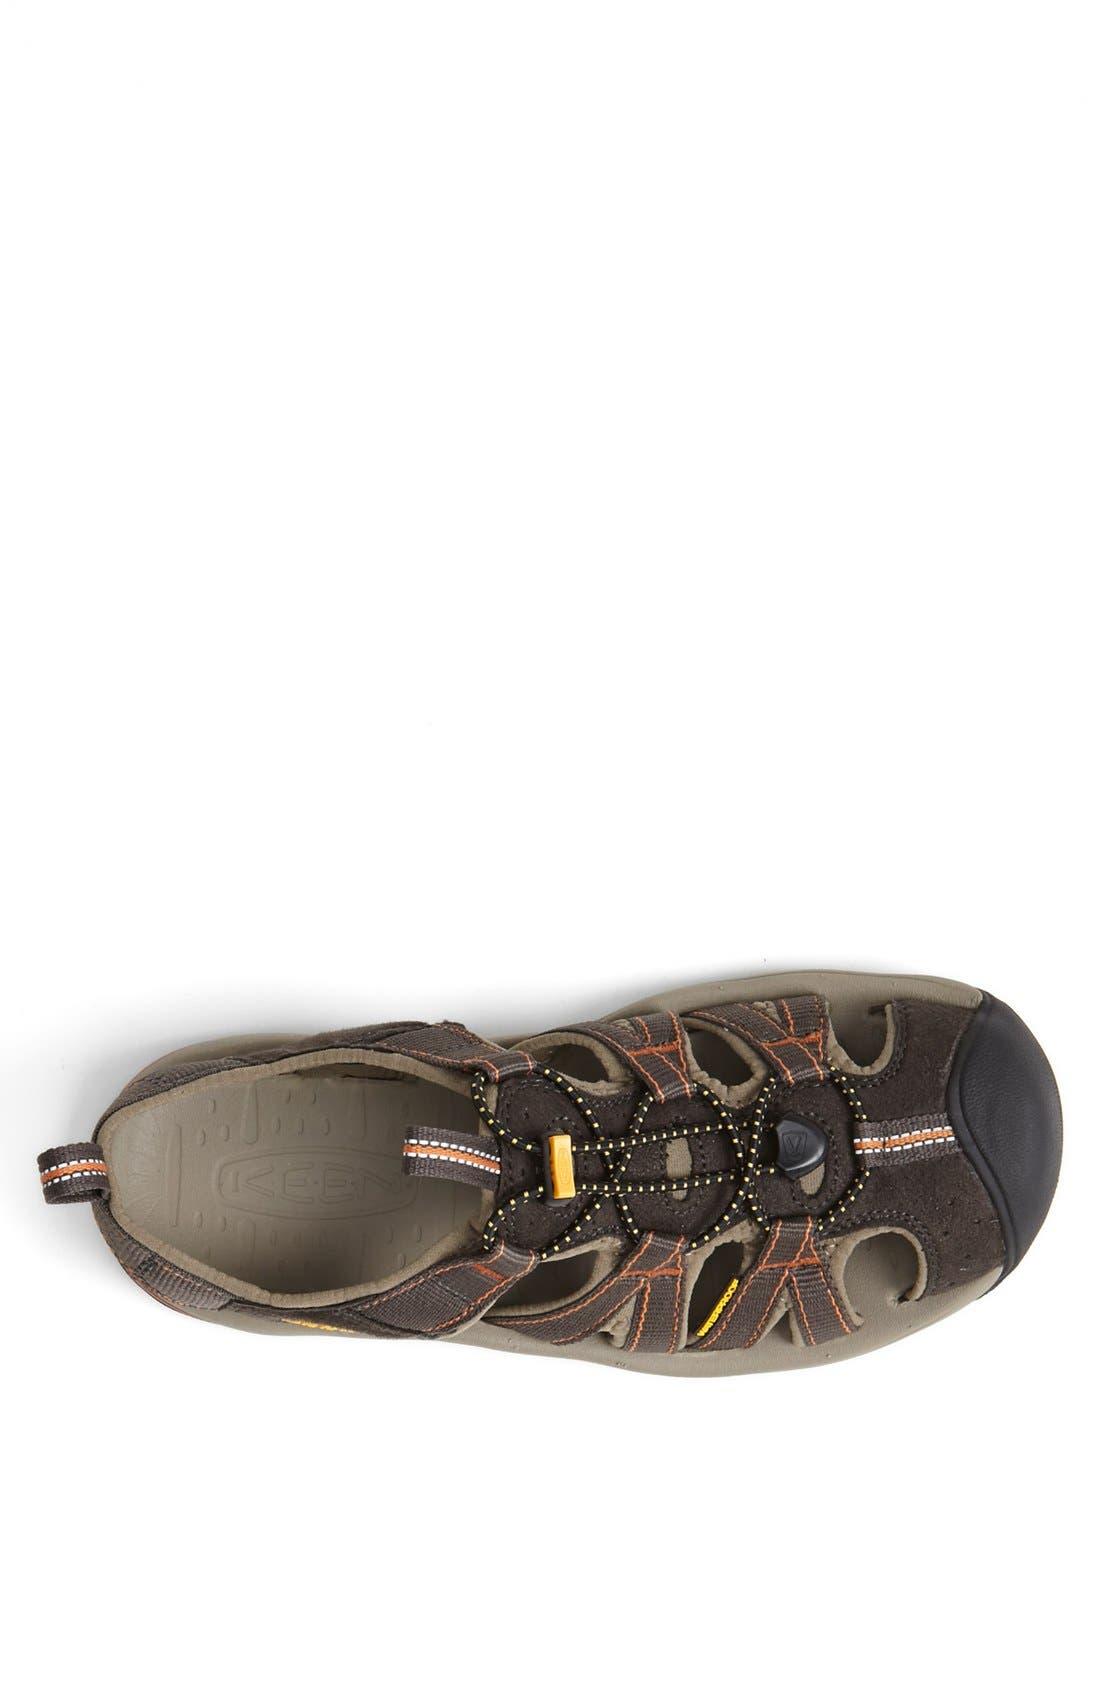 Alternate Image 3  - Keen 'Kanyon' Waterproof Sandal (Men)